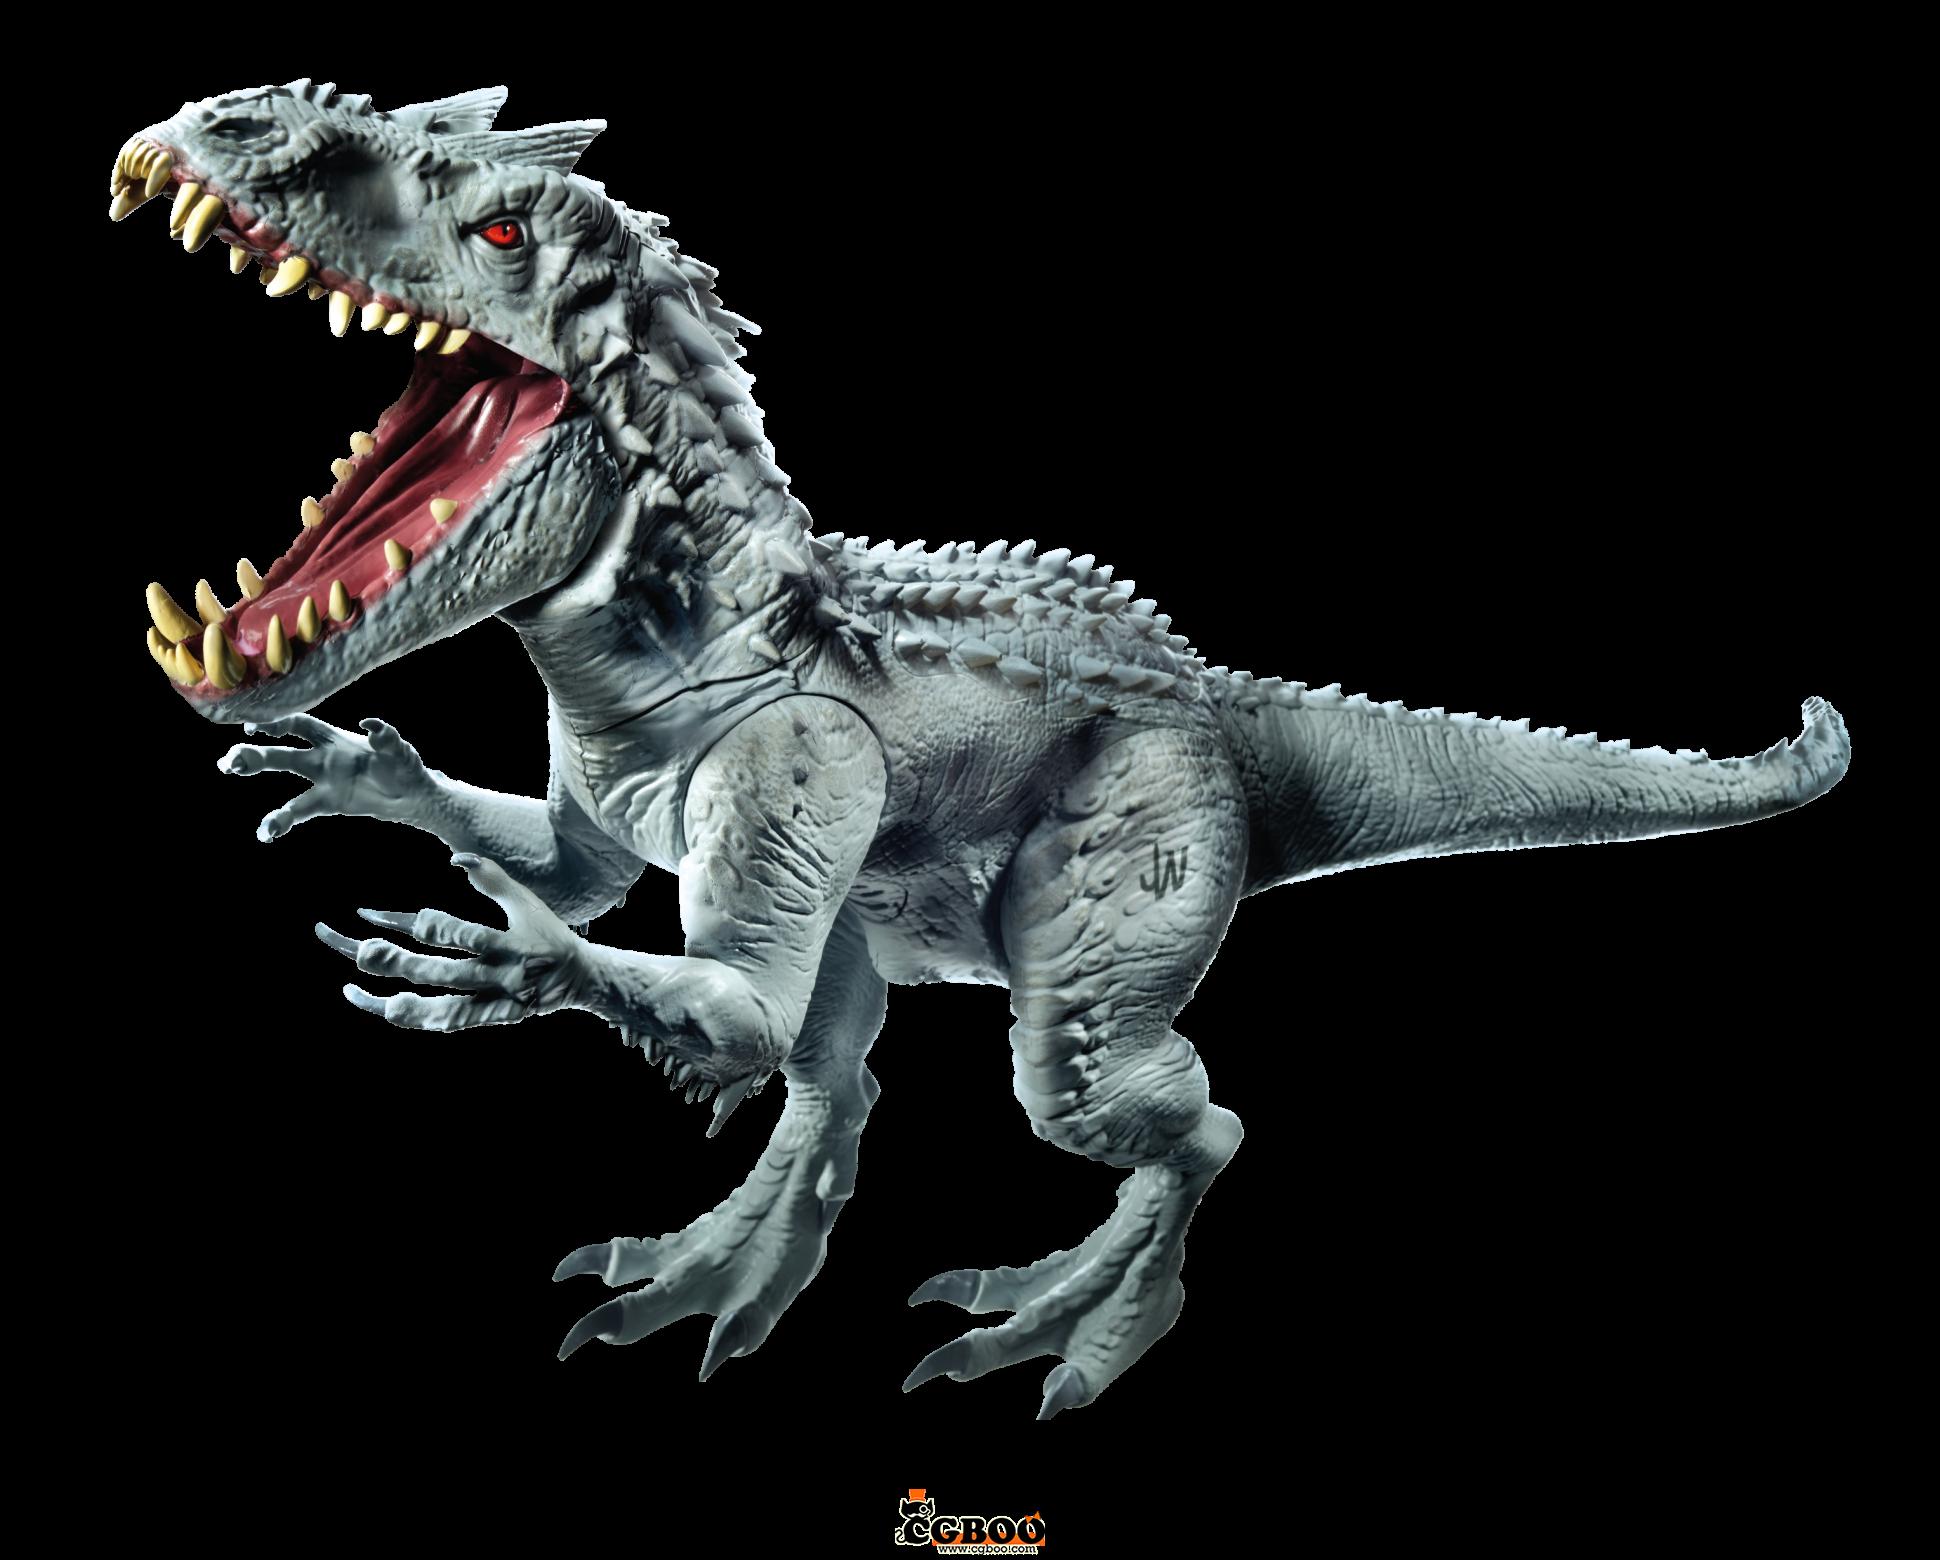 电影级恐龙素材 免抠 png 透明背景